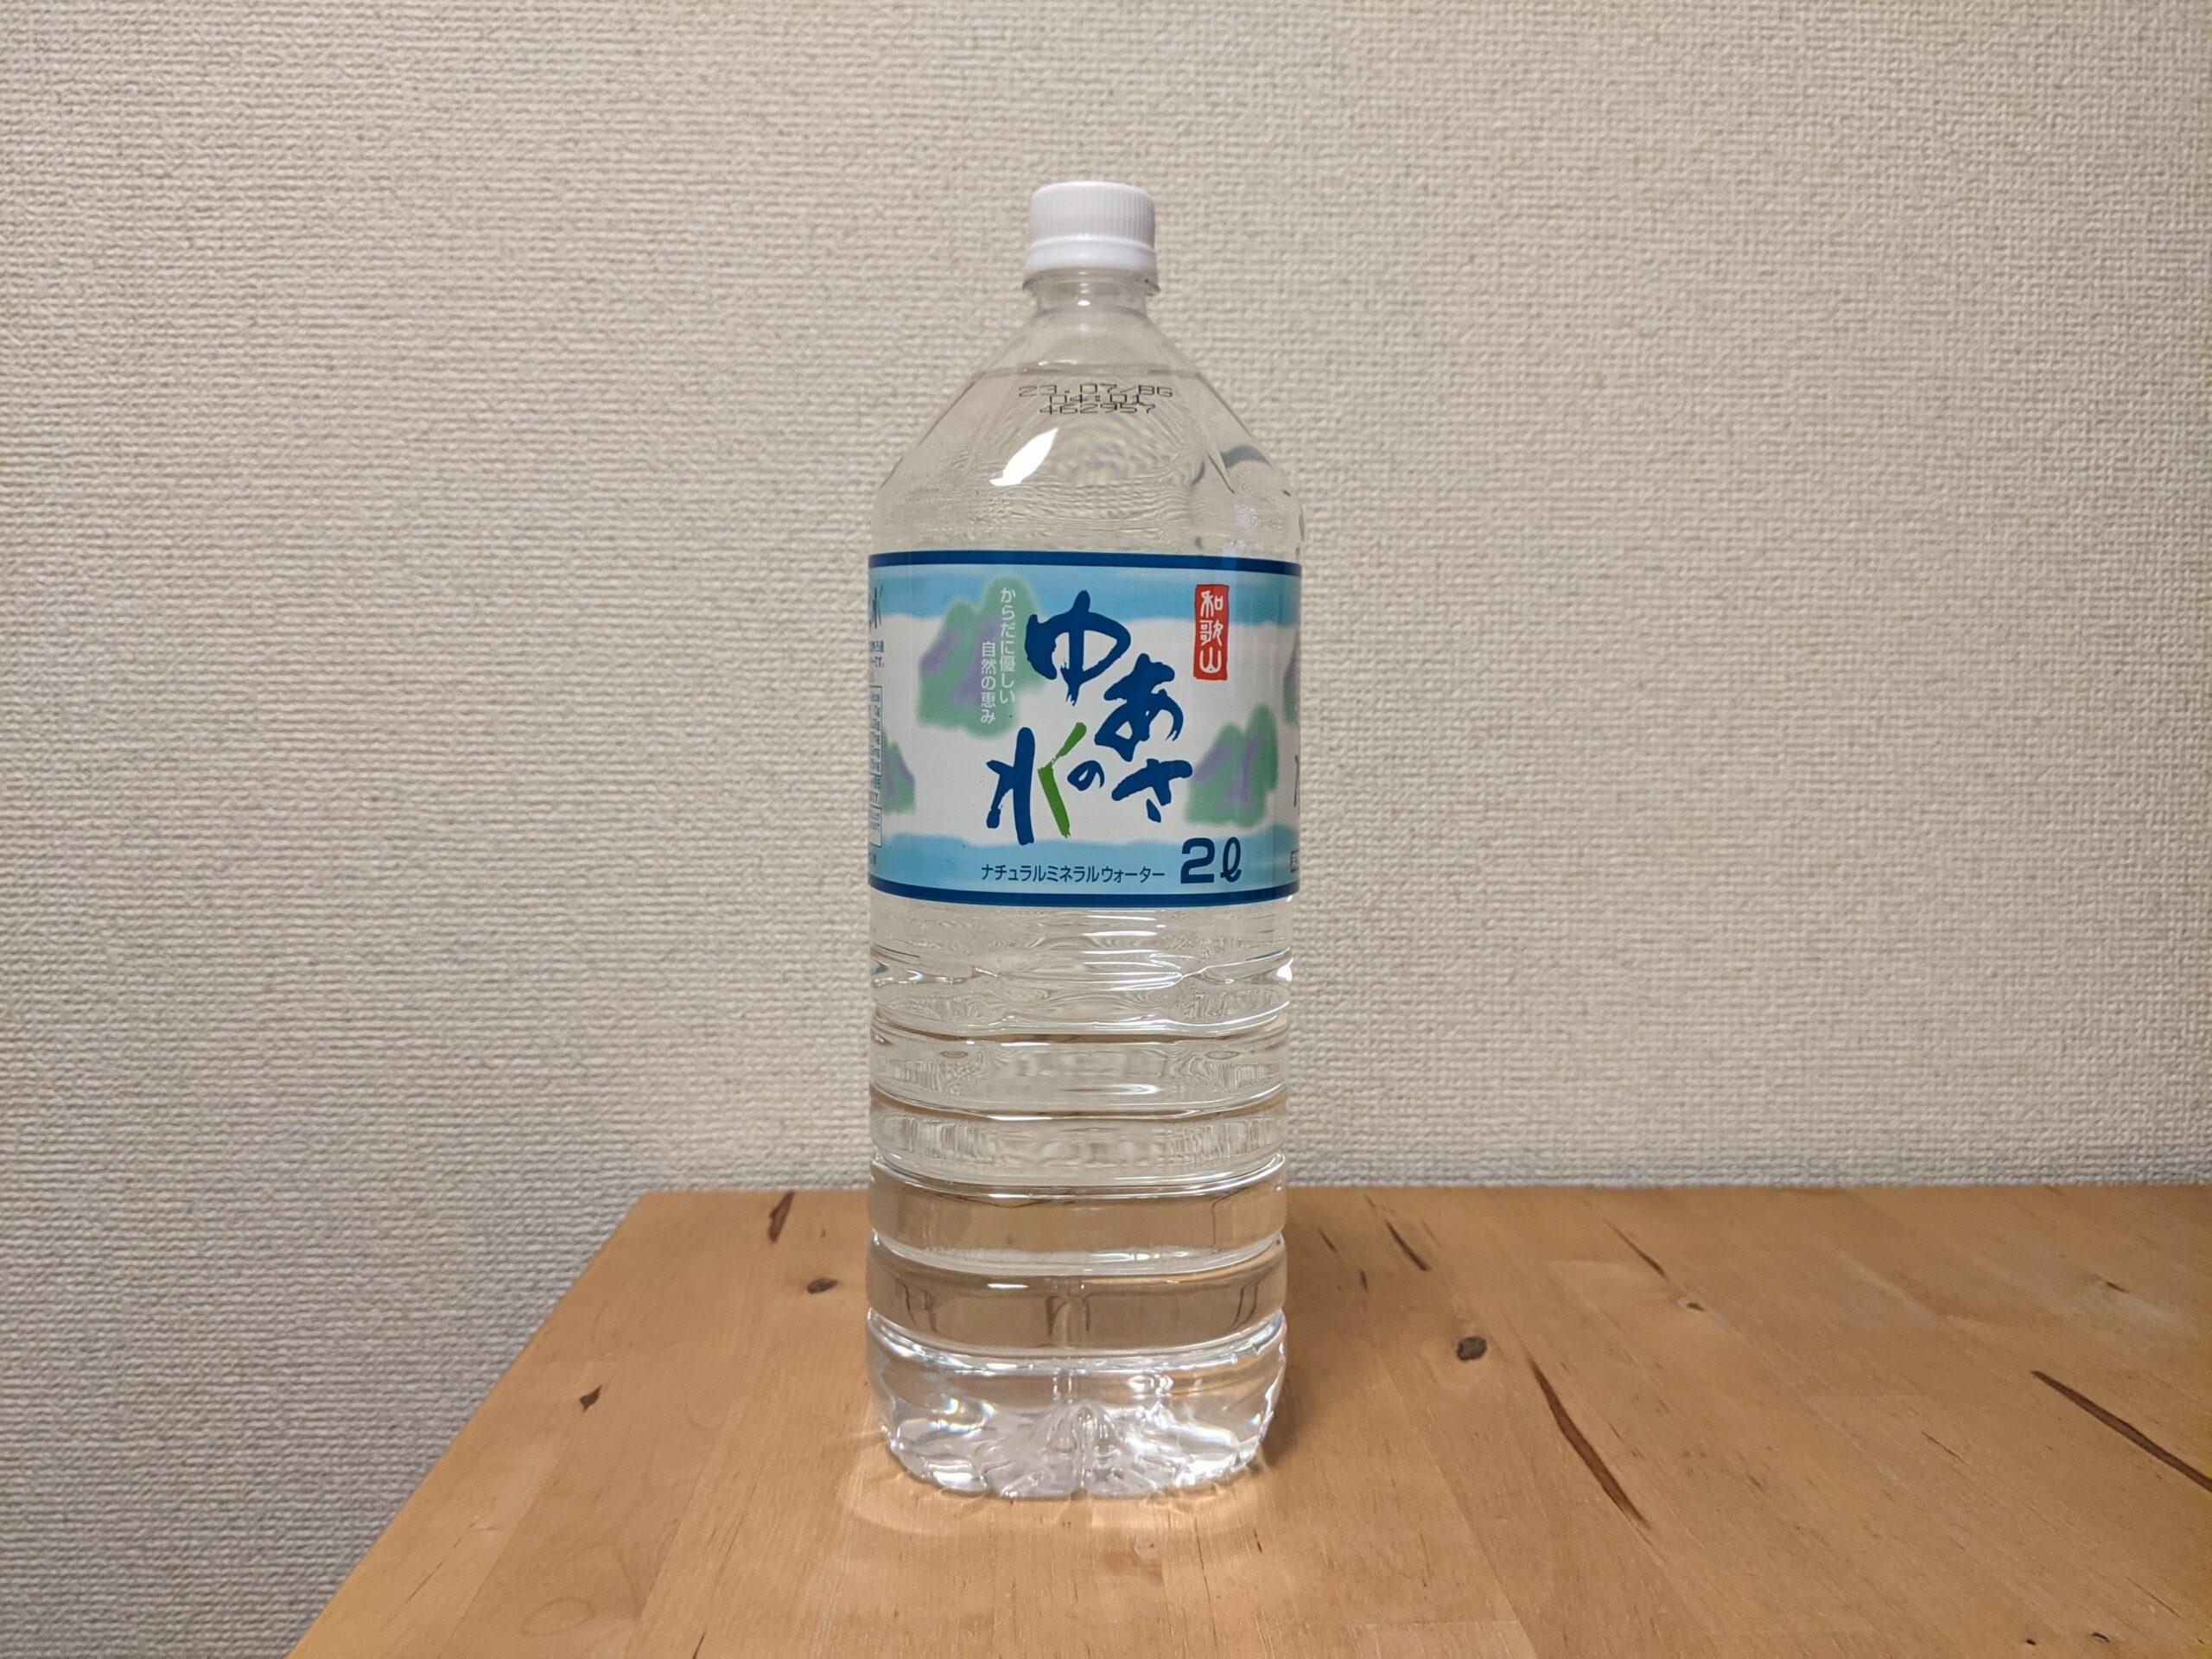 ミネラルウォーター mineralwater 湯浅町